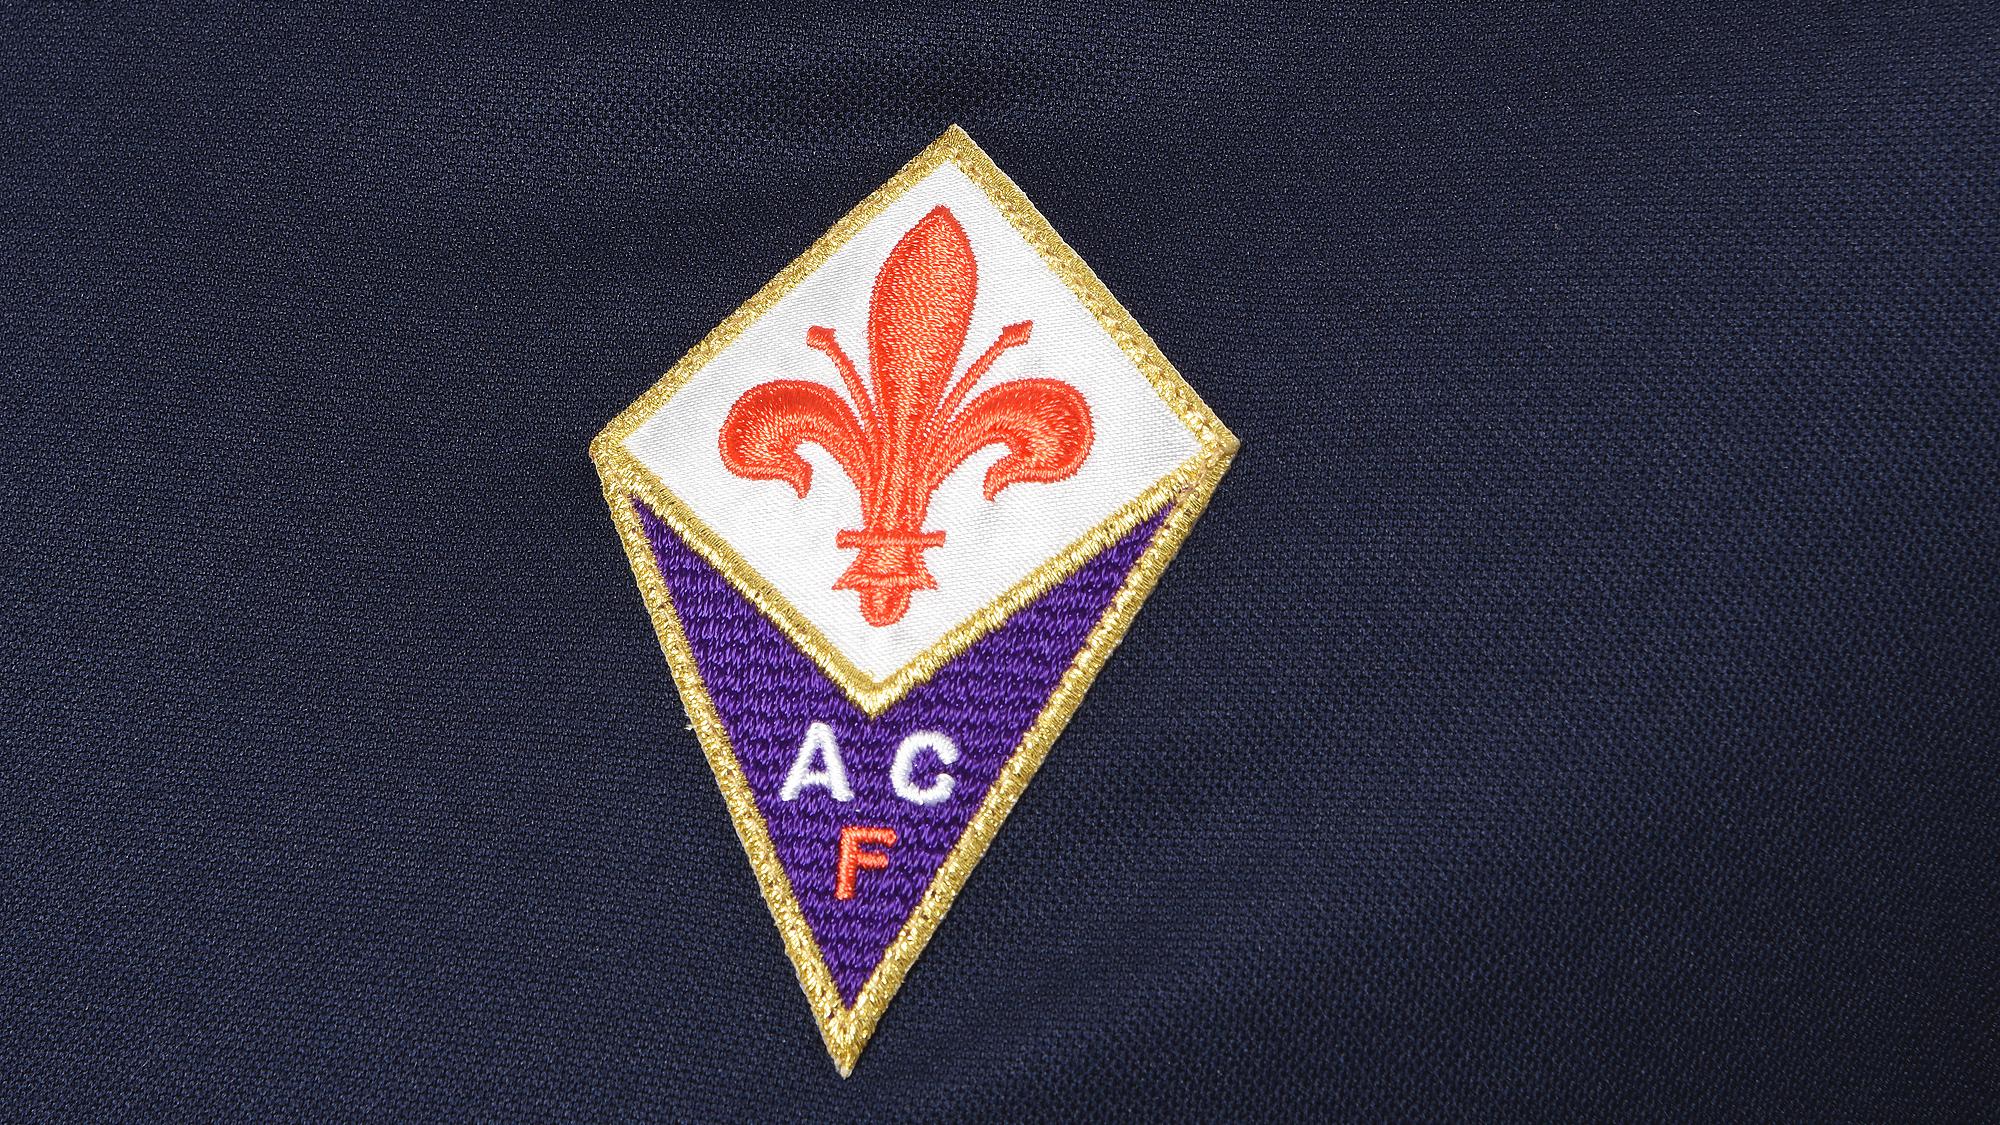 A nova camisa da Fiorentina é simplesmente apaixonante  cb3f55b5ddb2c